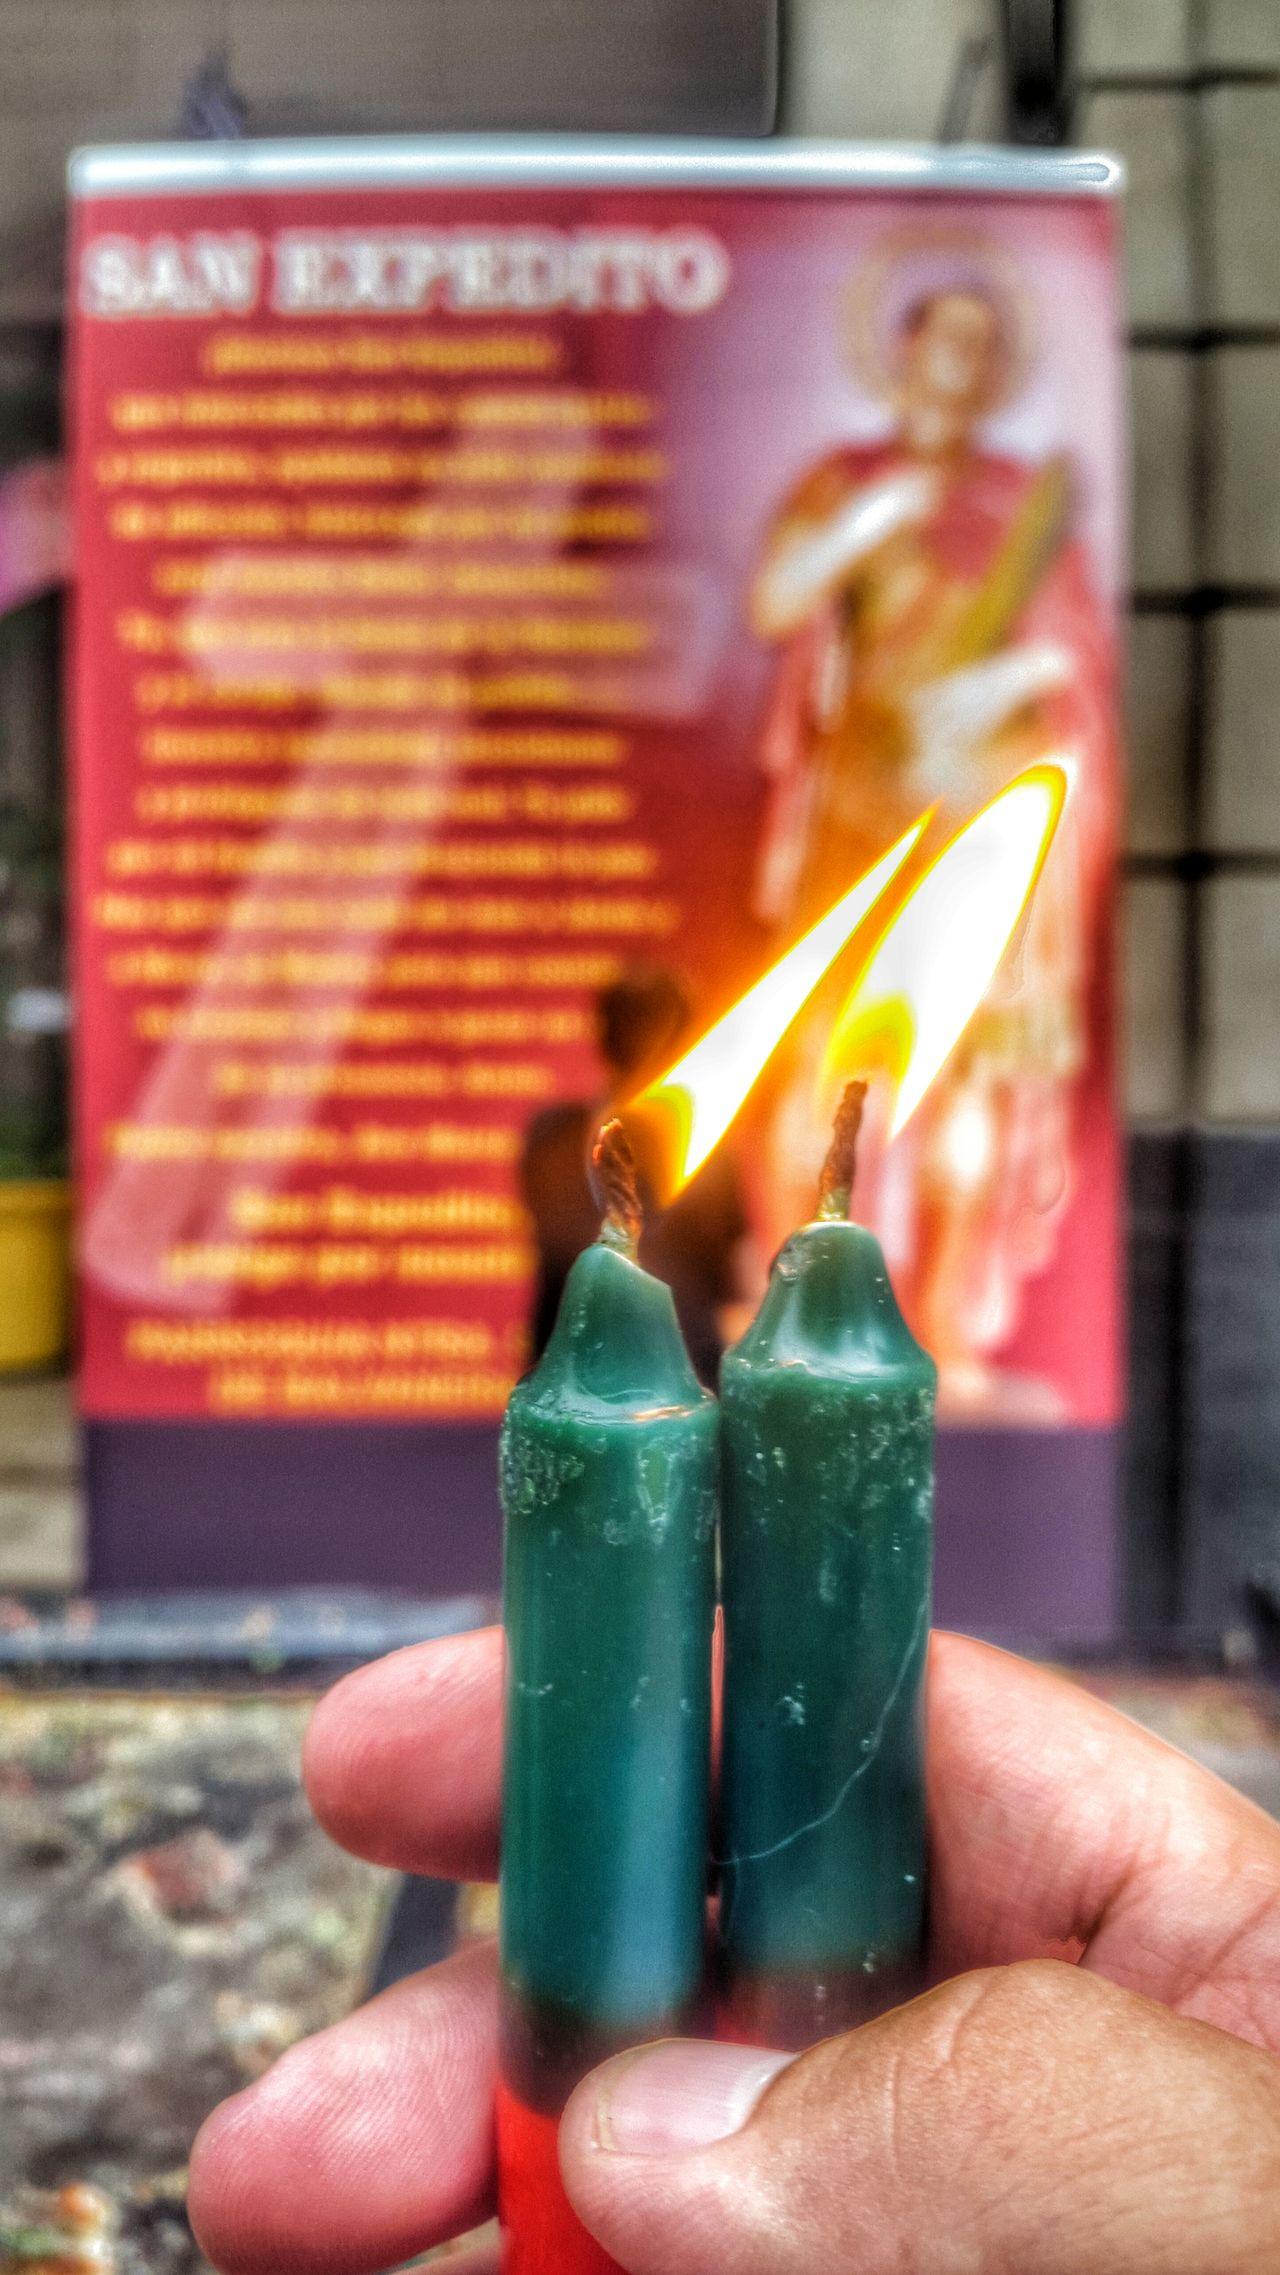 San Expedito Iglesia De San Expedito Religion Relugious Church Saint Religious  Religiao Santos